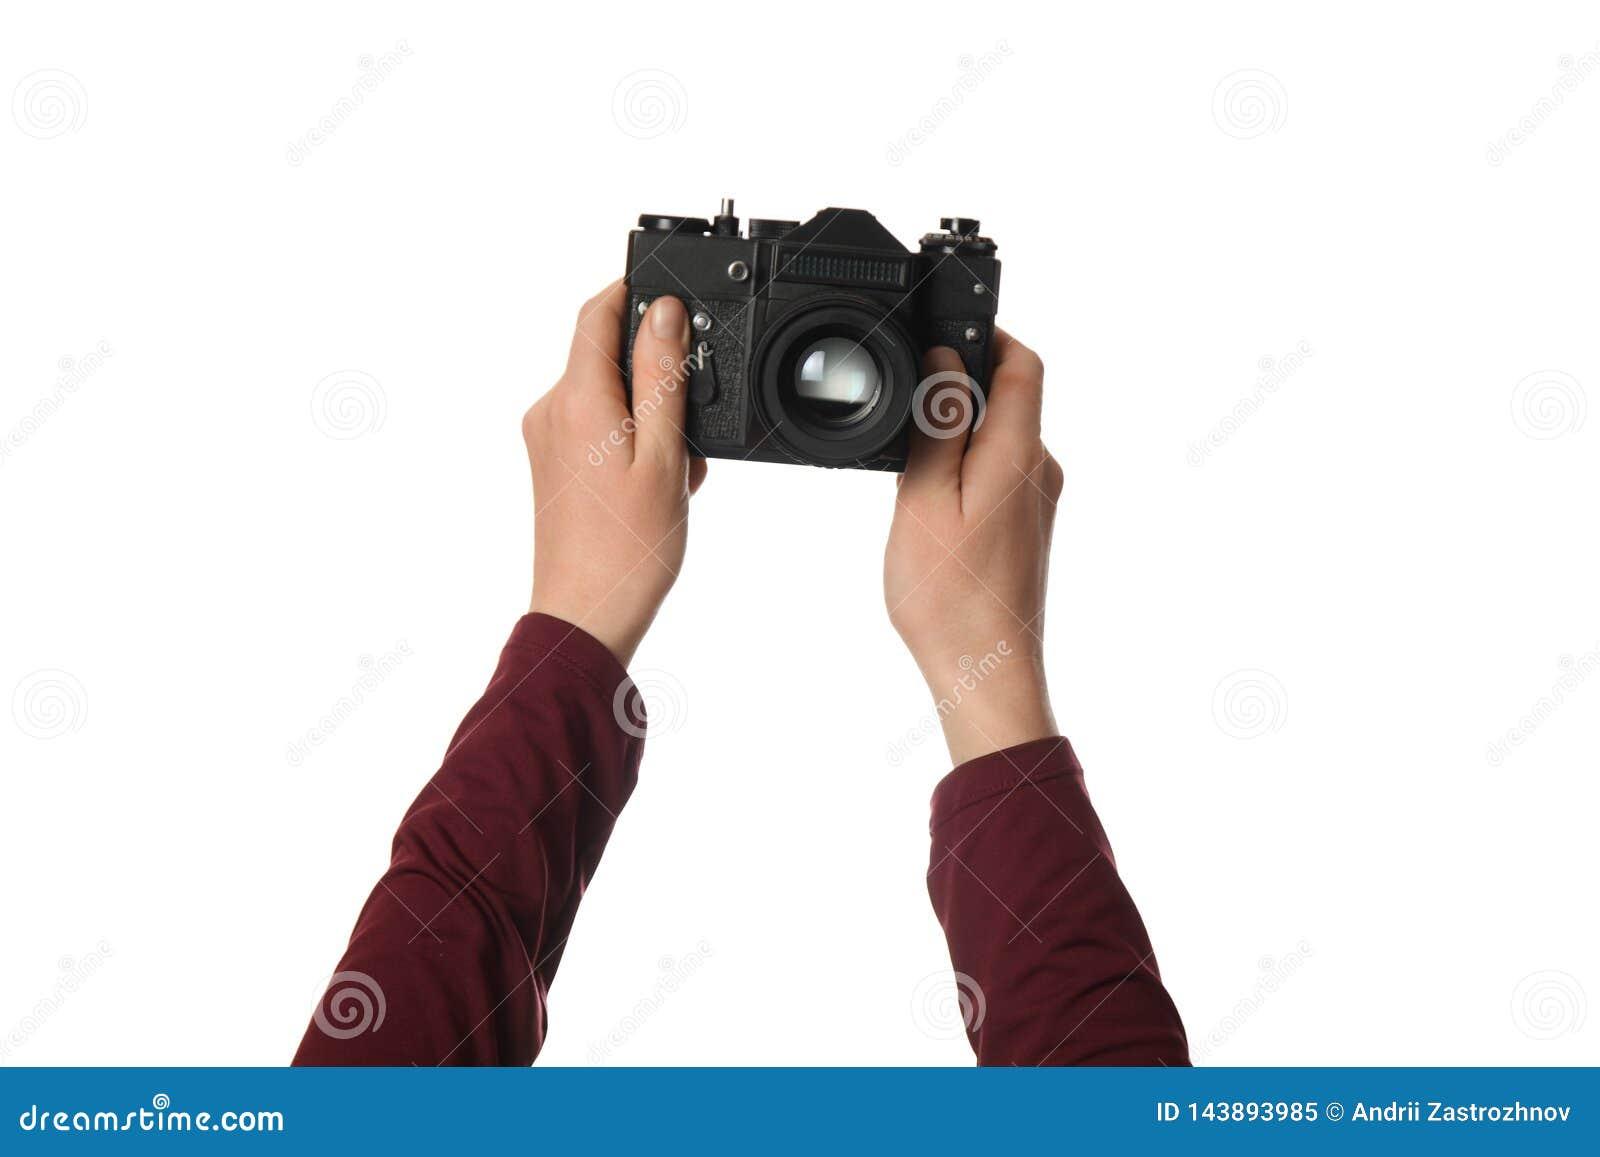 Εκλεκτής ποιότητας κάμερα που απομονώνεται υπό εξέταση στο άσπρο υπόβαθρο Φωτογραφία και μνήμες